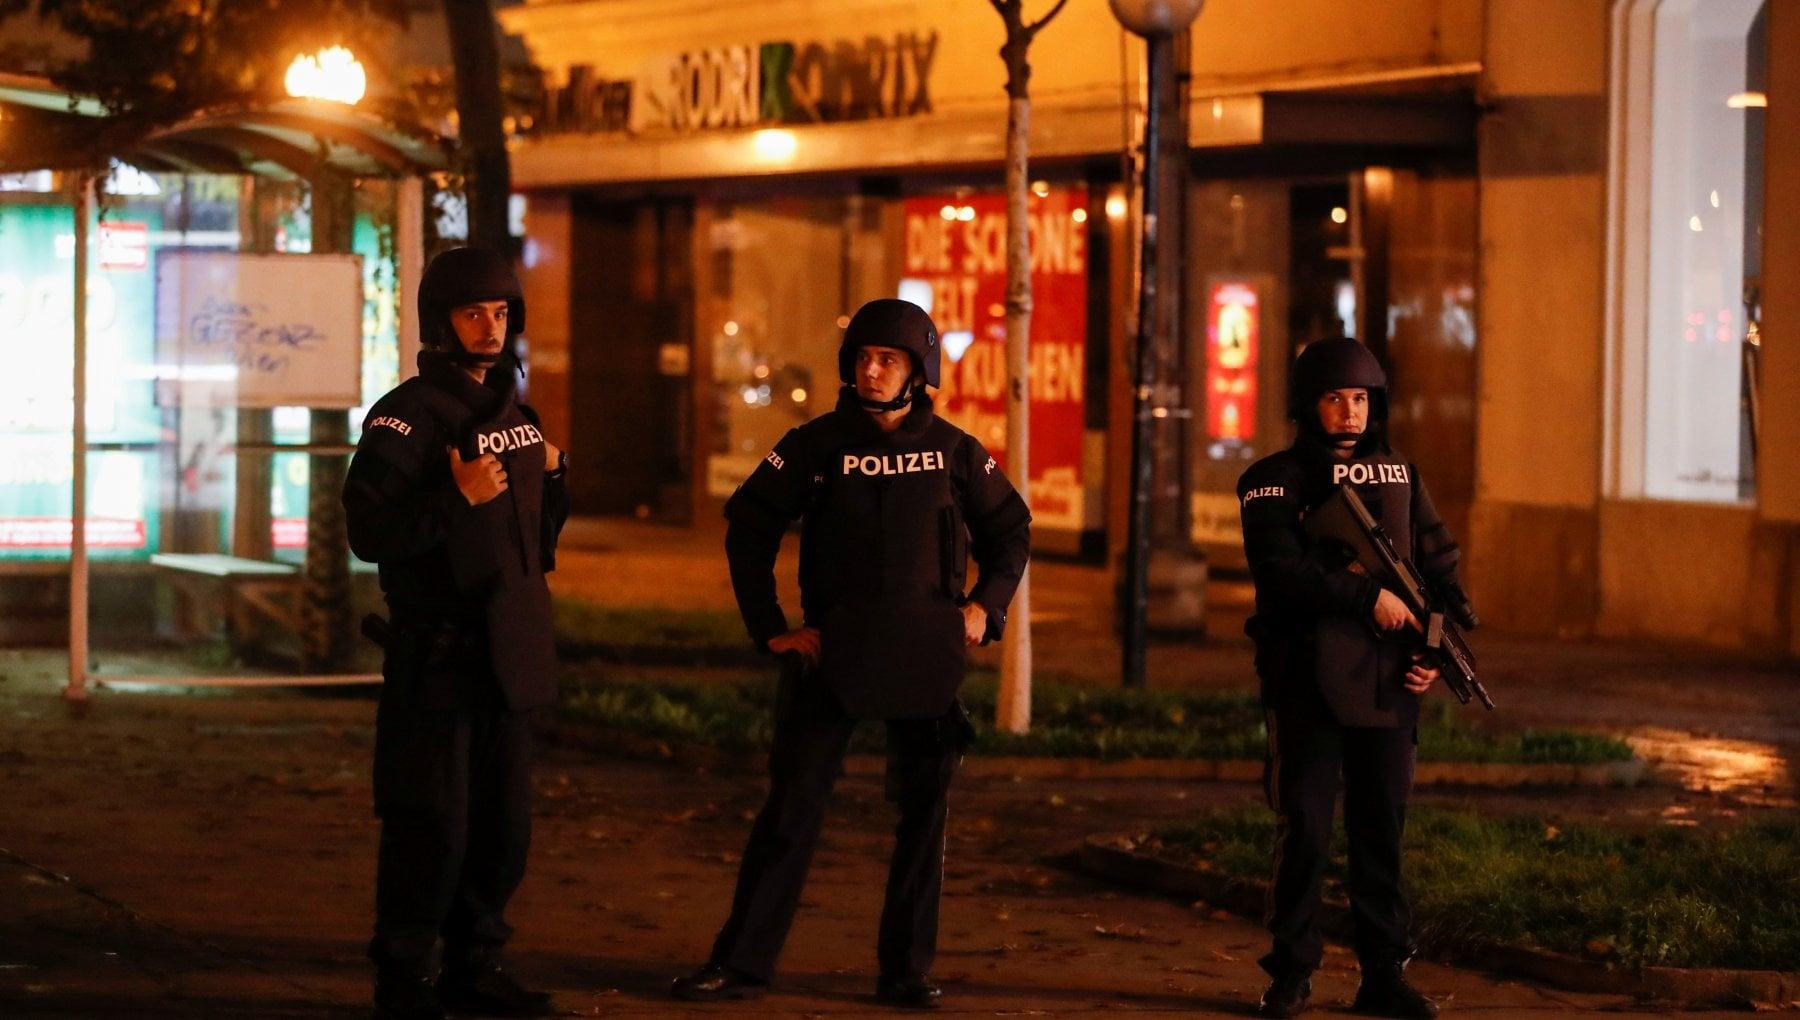 Vienna il ministro dellInterno Siamo ancora in pericolo domani scuole chiuse. Tenete i vostri figli in casa